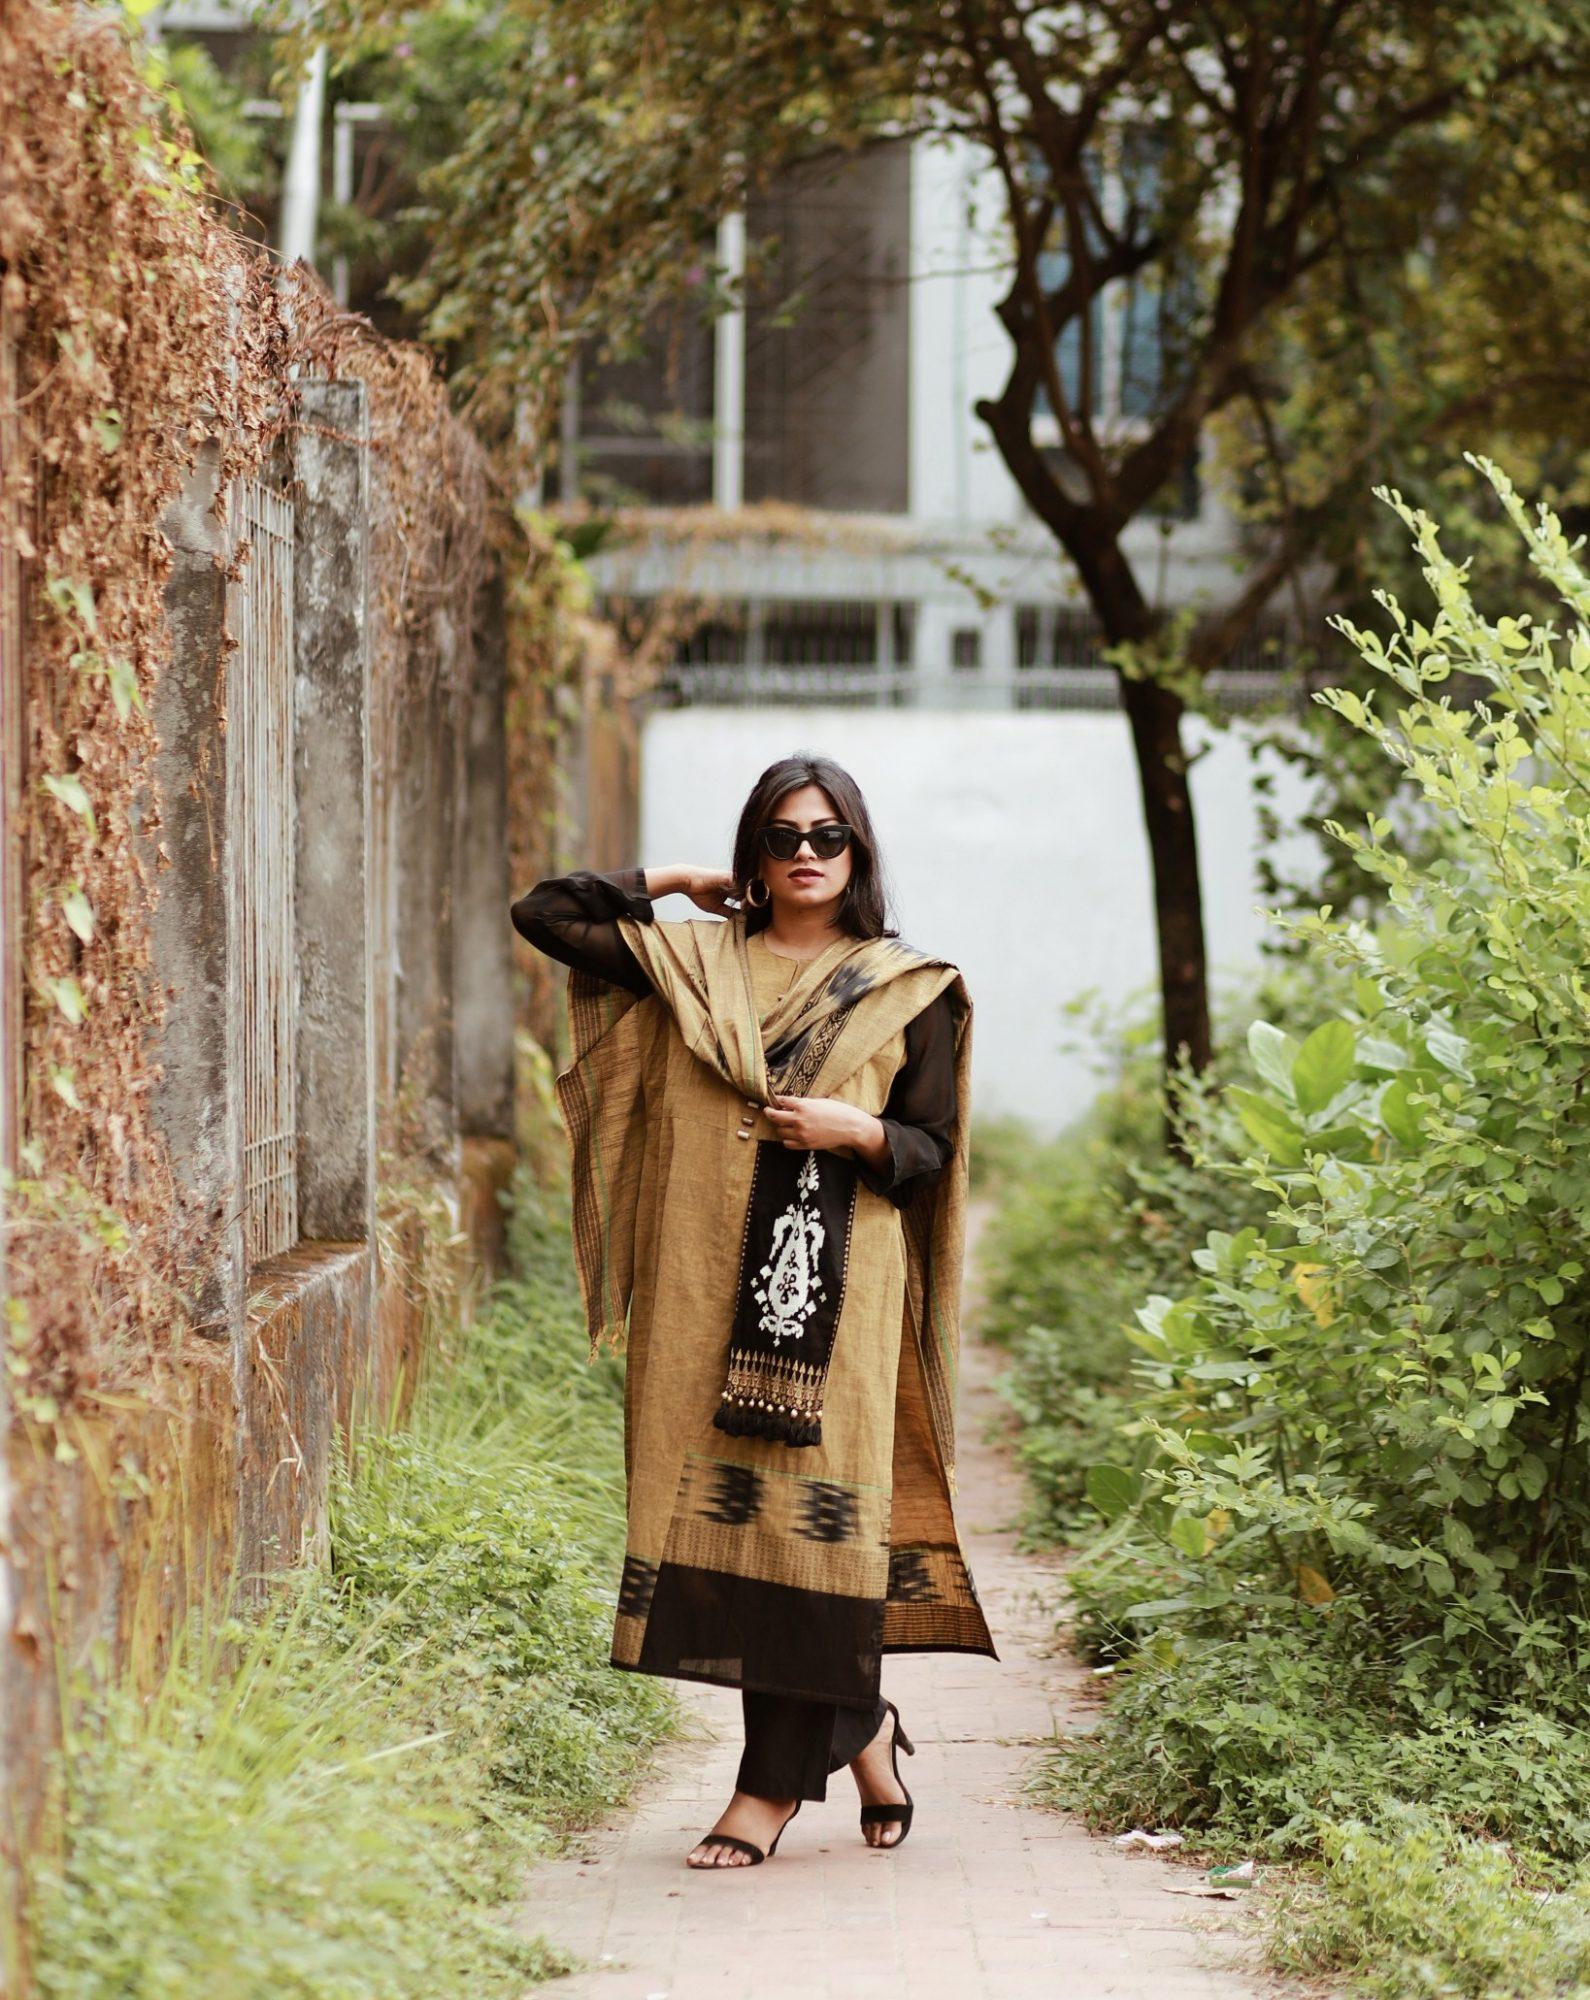 Miami Travel Fashion Blogger Afroza Khan wearing chic salwar kameez